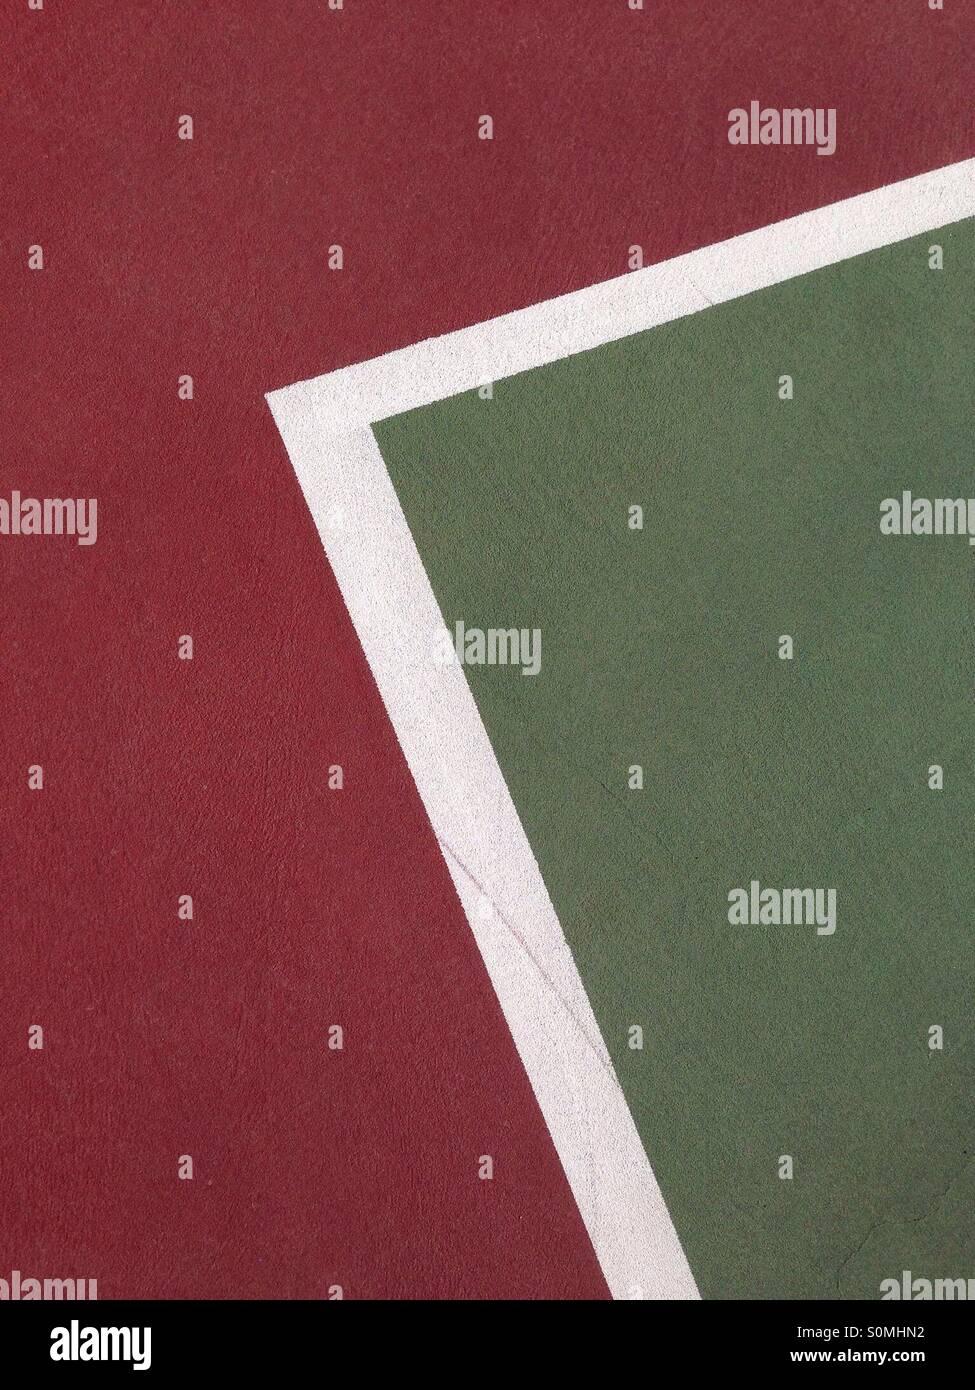 Abstrakte Linien auf einem Tennisplatz Stockbild